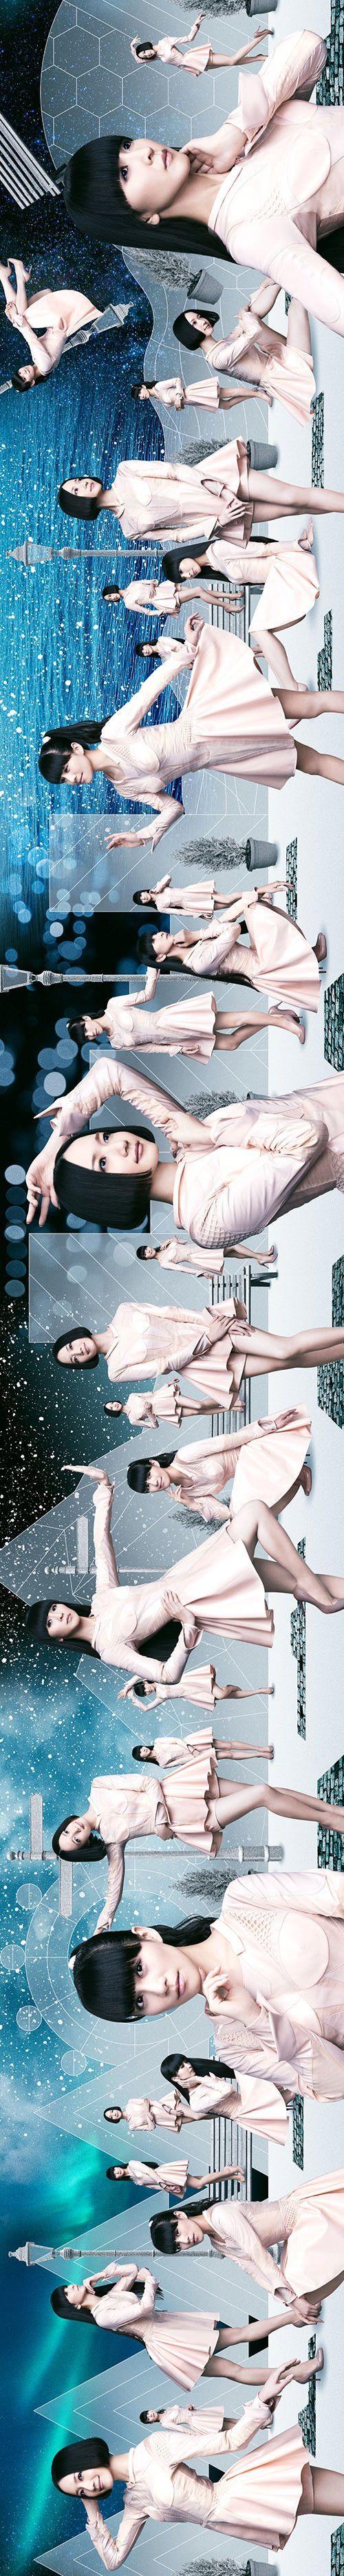 ユニクロ「ヒートテック」×Perfume